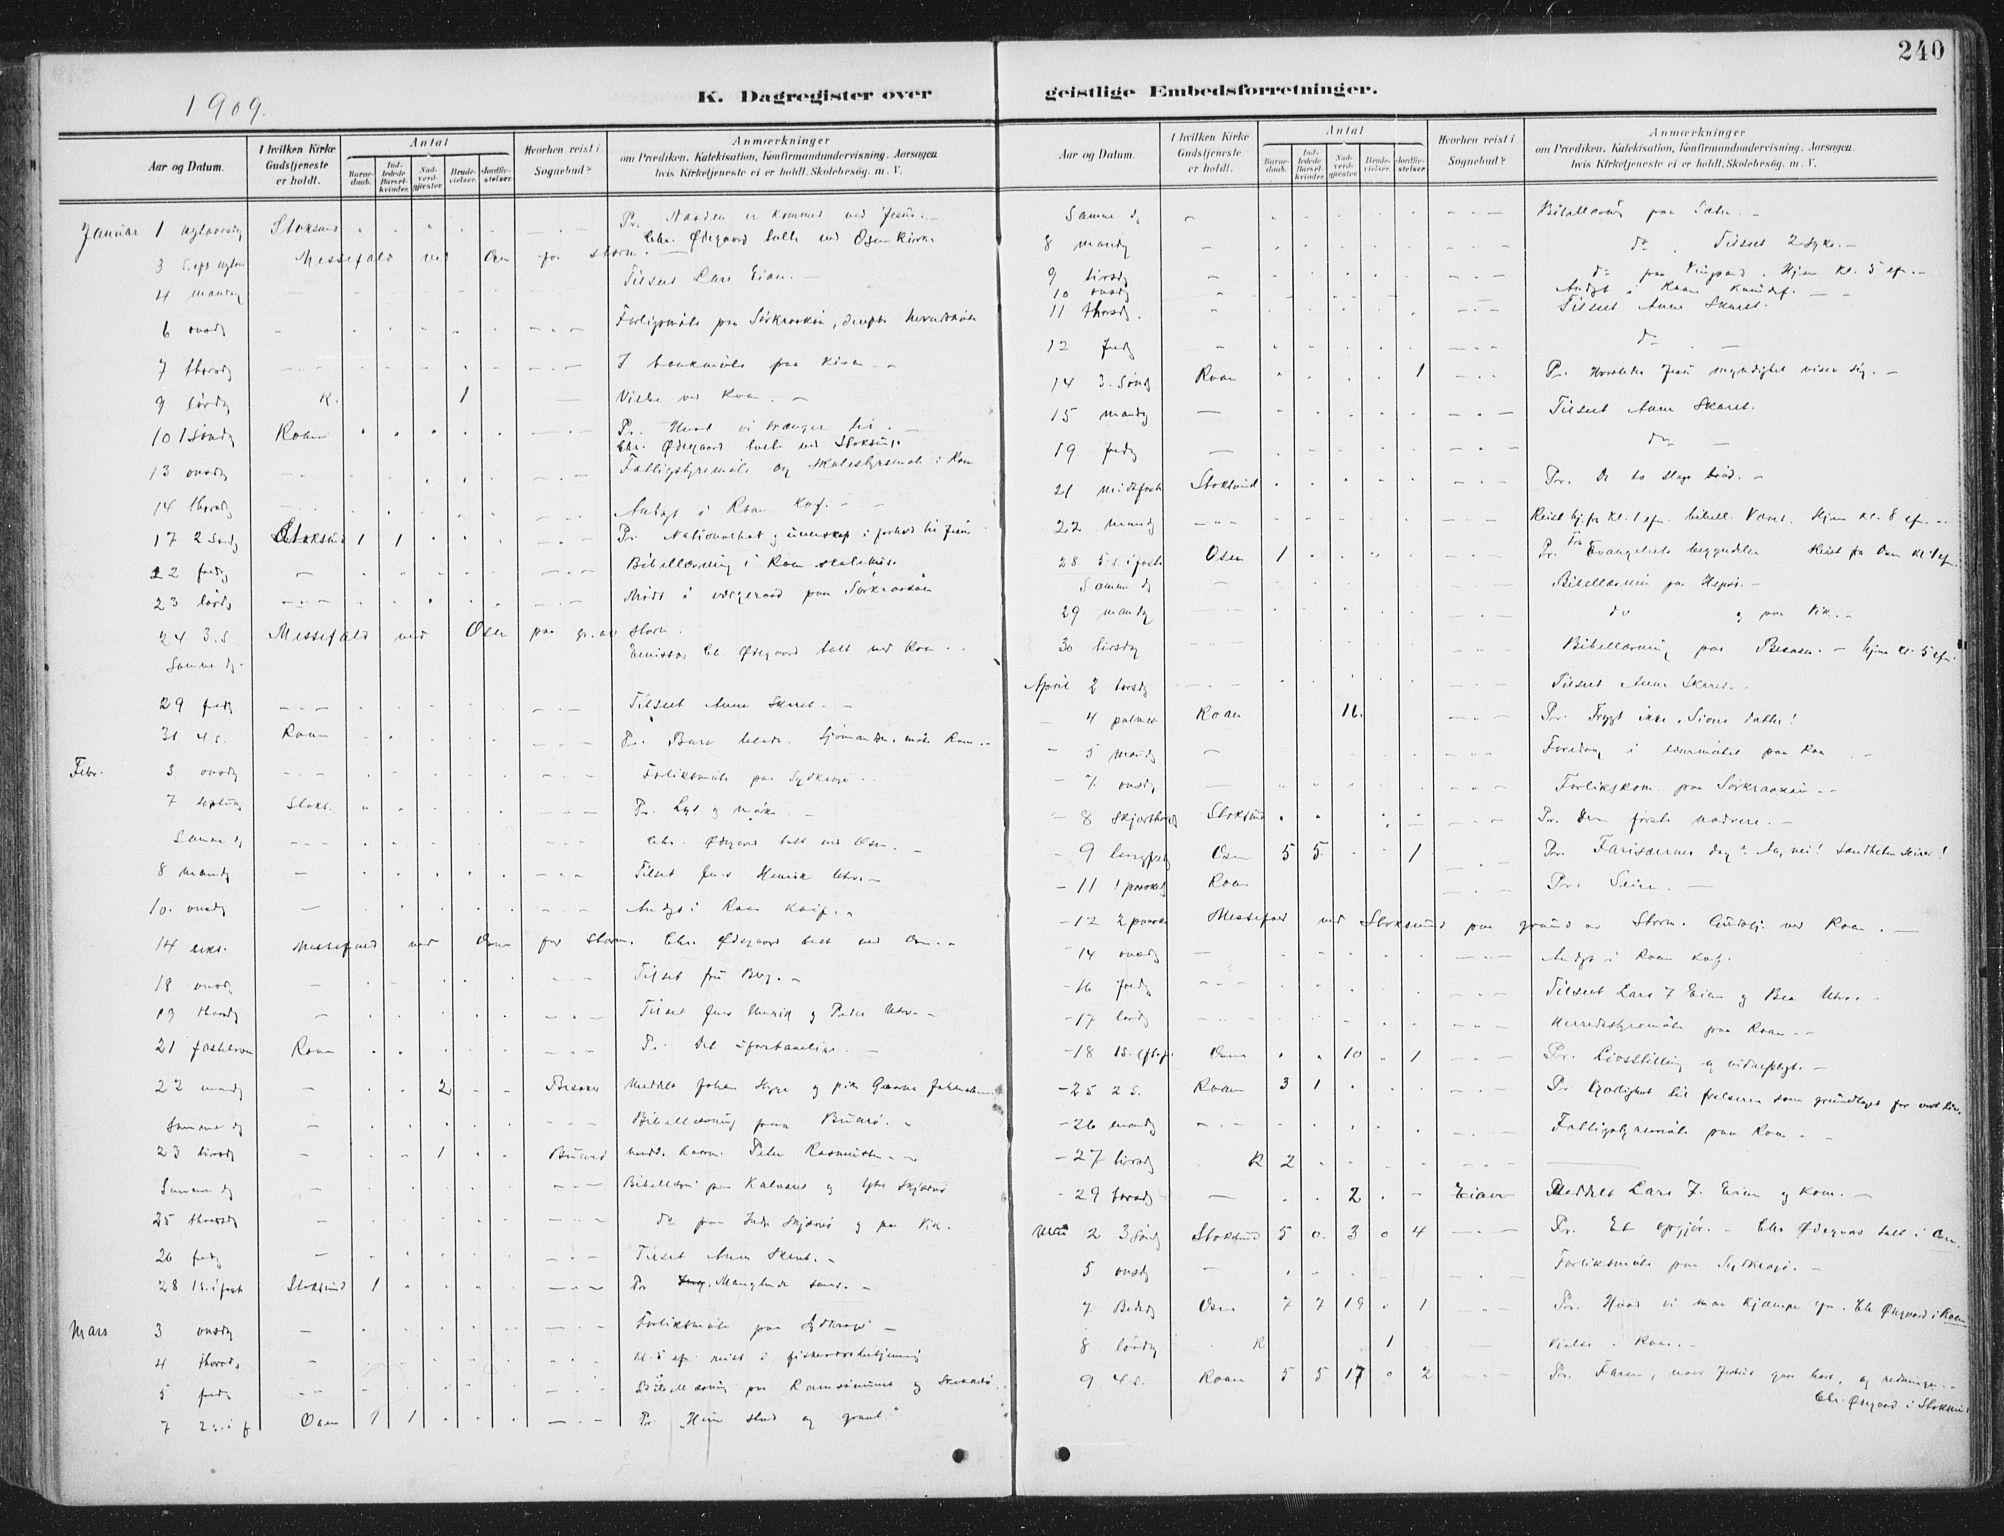 SAT, Ministerialprotokoller, klokkerbøker og fødselsregistre - Sør-Trøndelag, 657/L0709: Ministerialbok nr. 657A10, 1905-1919, s. 240